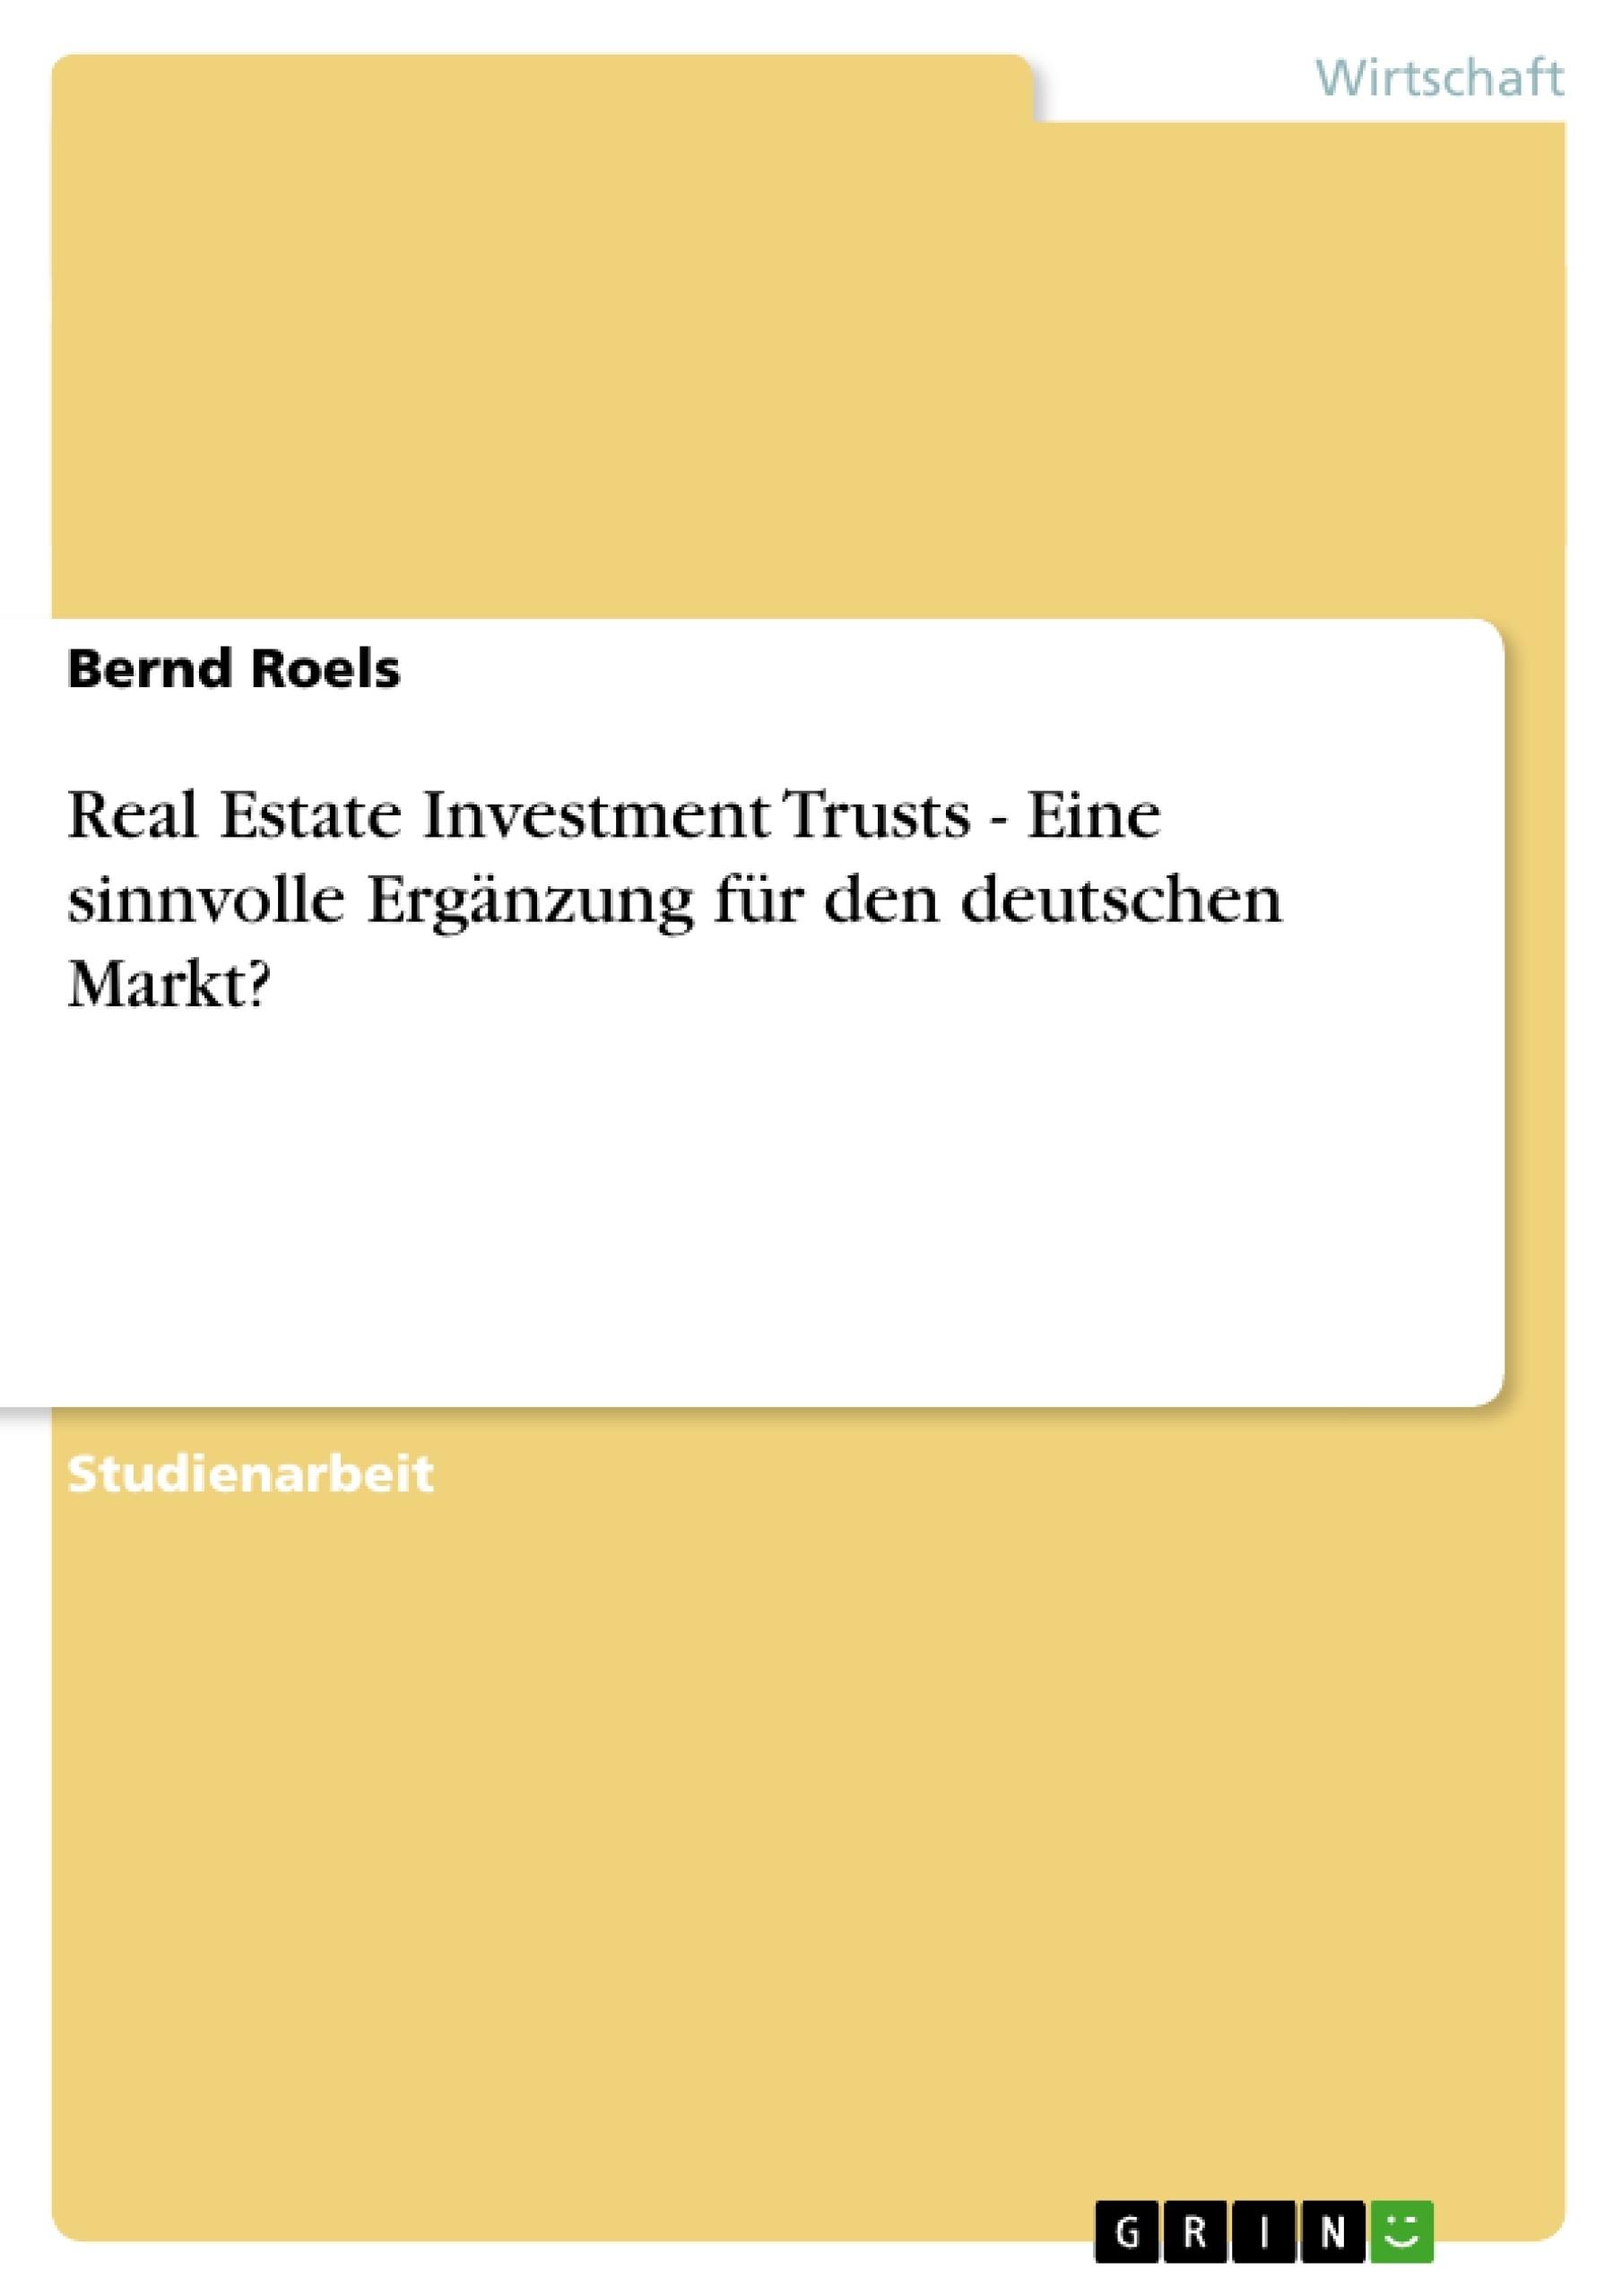 Titel: Real Estate Investment Trusts - Eine sinnvolle Ergänzung für den deutschen Markt?